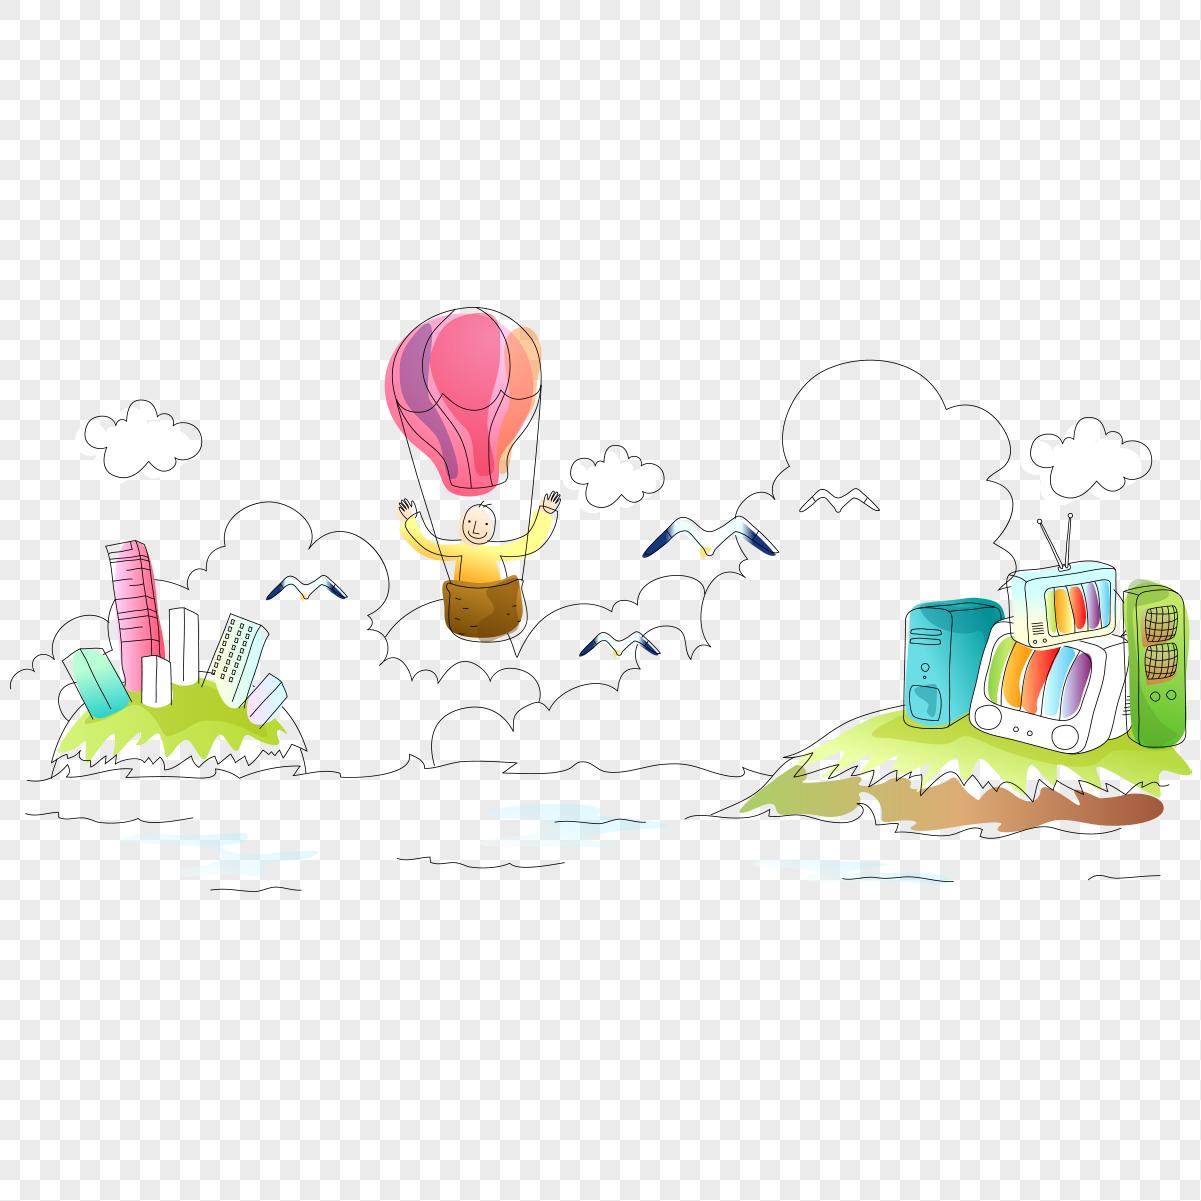 Karikatür şehir Boyama Resimgrafik Numarası 400413644trlovepikcom